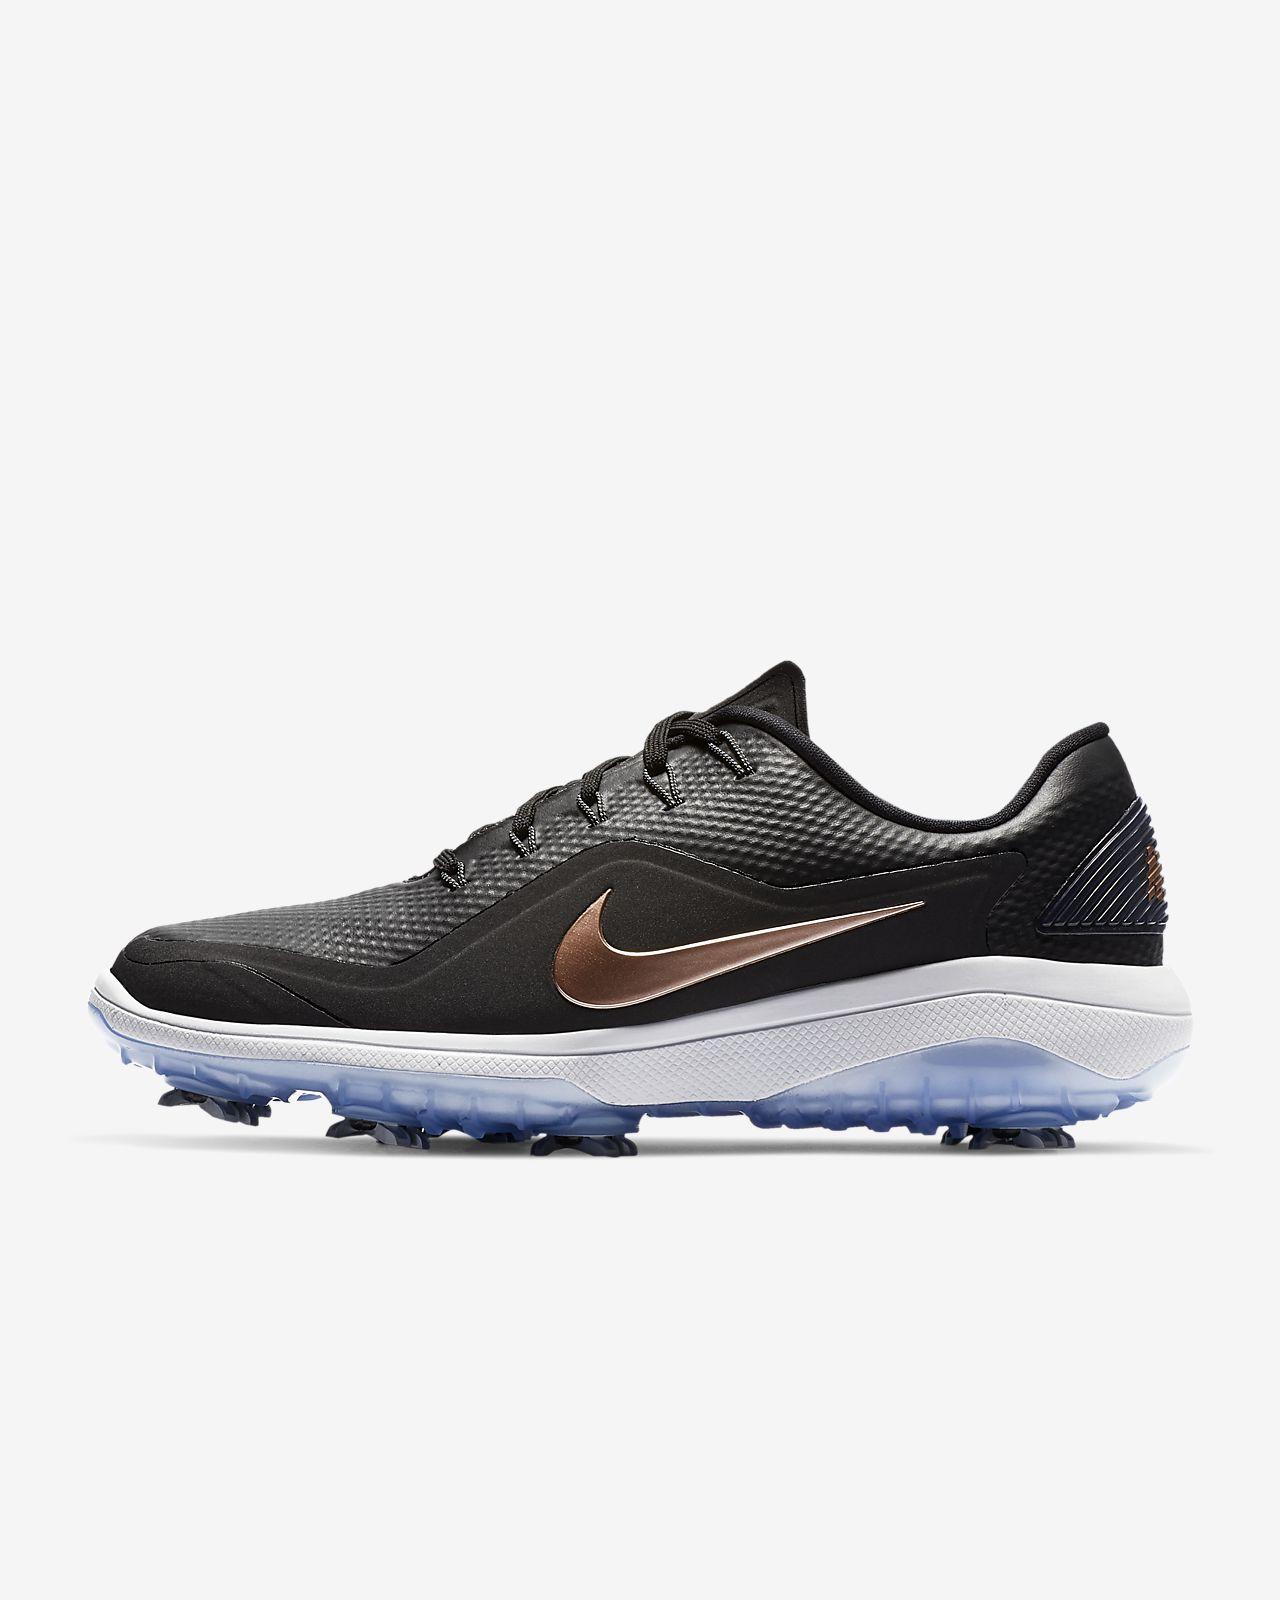 fe588f9b298a Nike React Vapor 2 Women s Golf Shoe. Nike.com AT